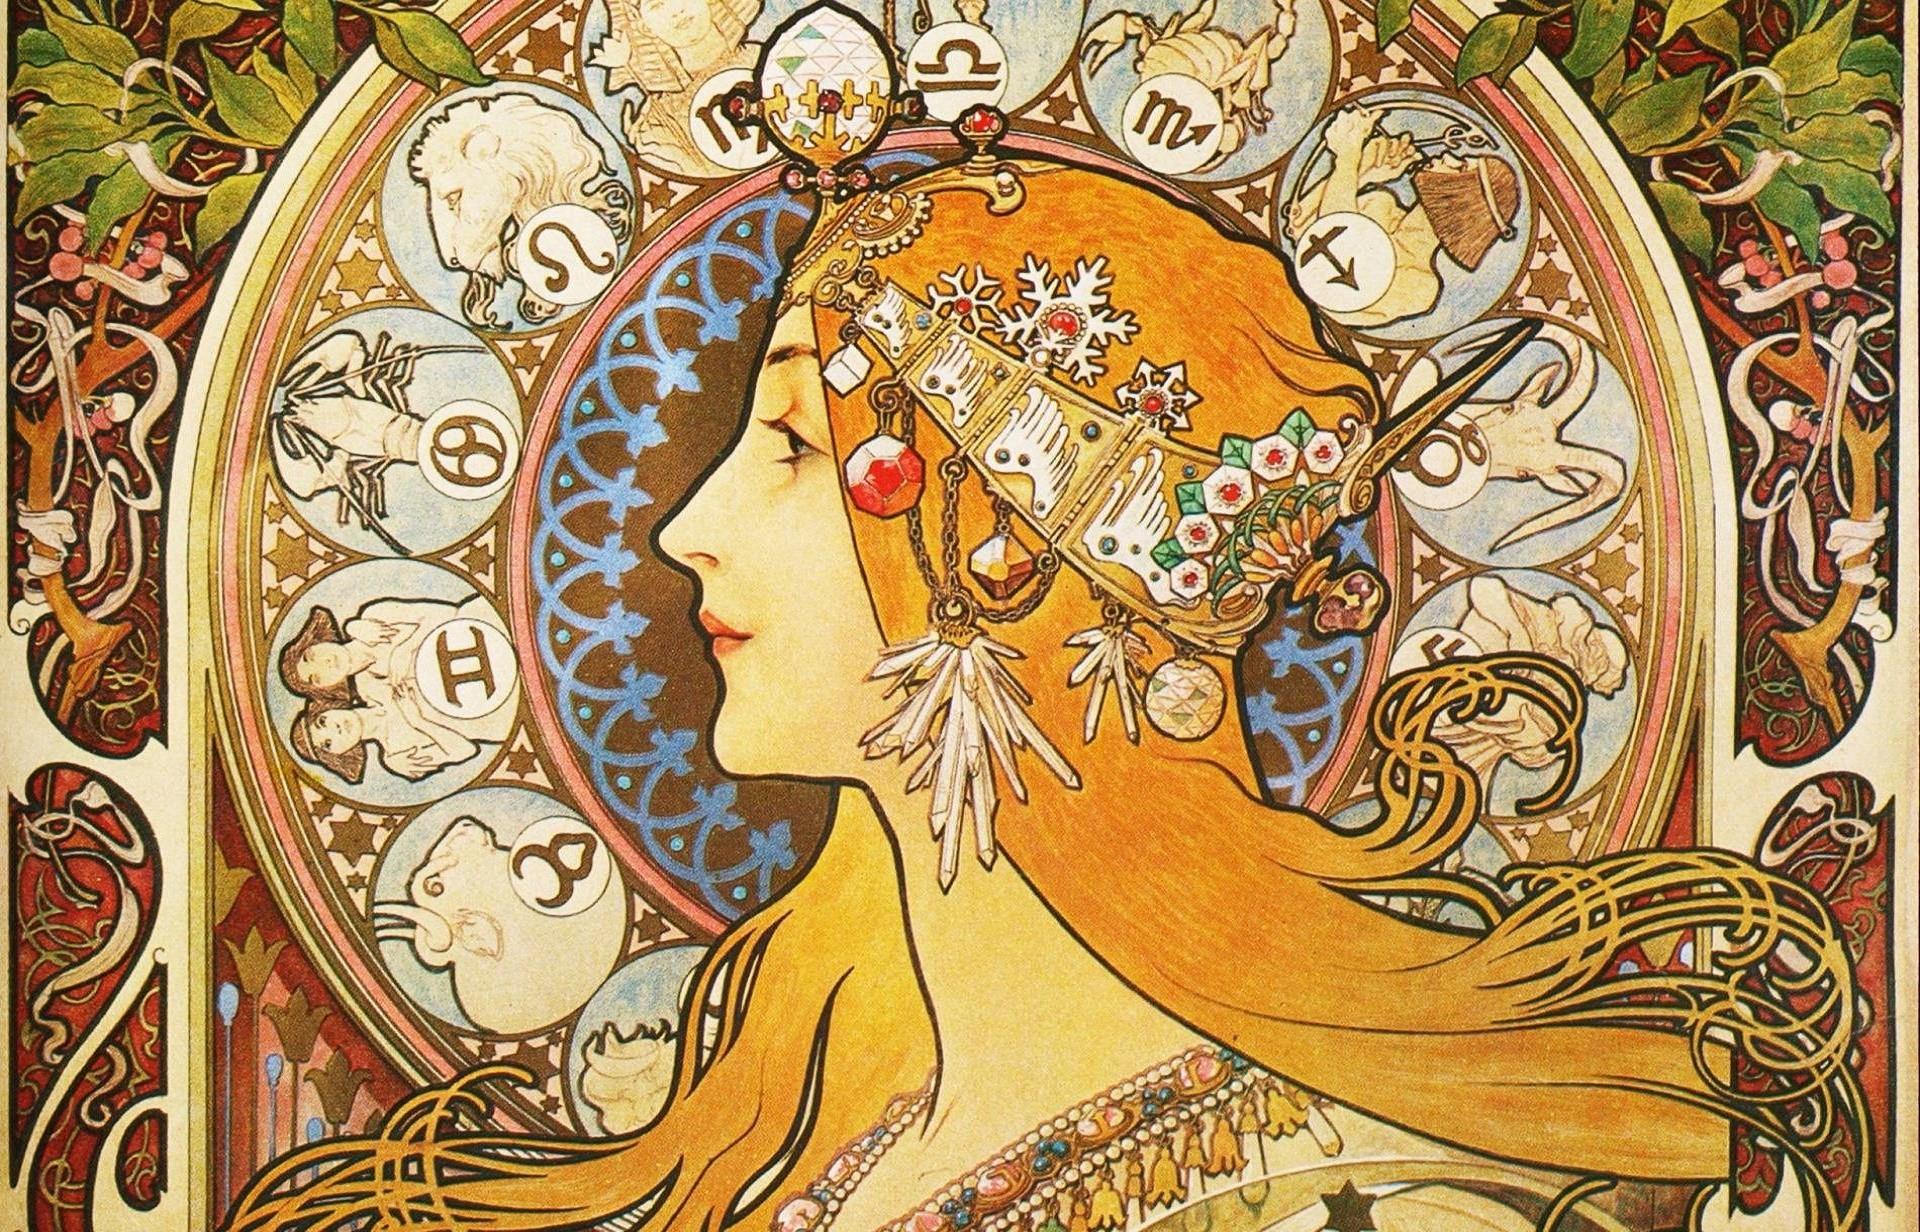 Res: 1920x1232, Art Nouveau Wallpaper Photo For Desktop Wallpaper 1920 x 1232 px 710.77 KB  floral steampunk victorian